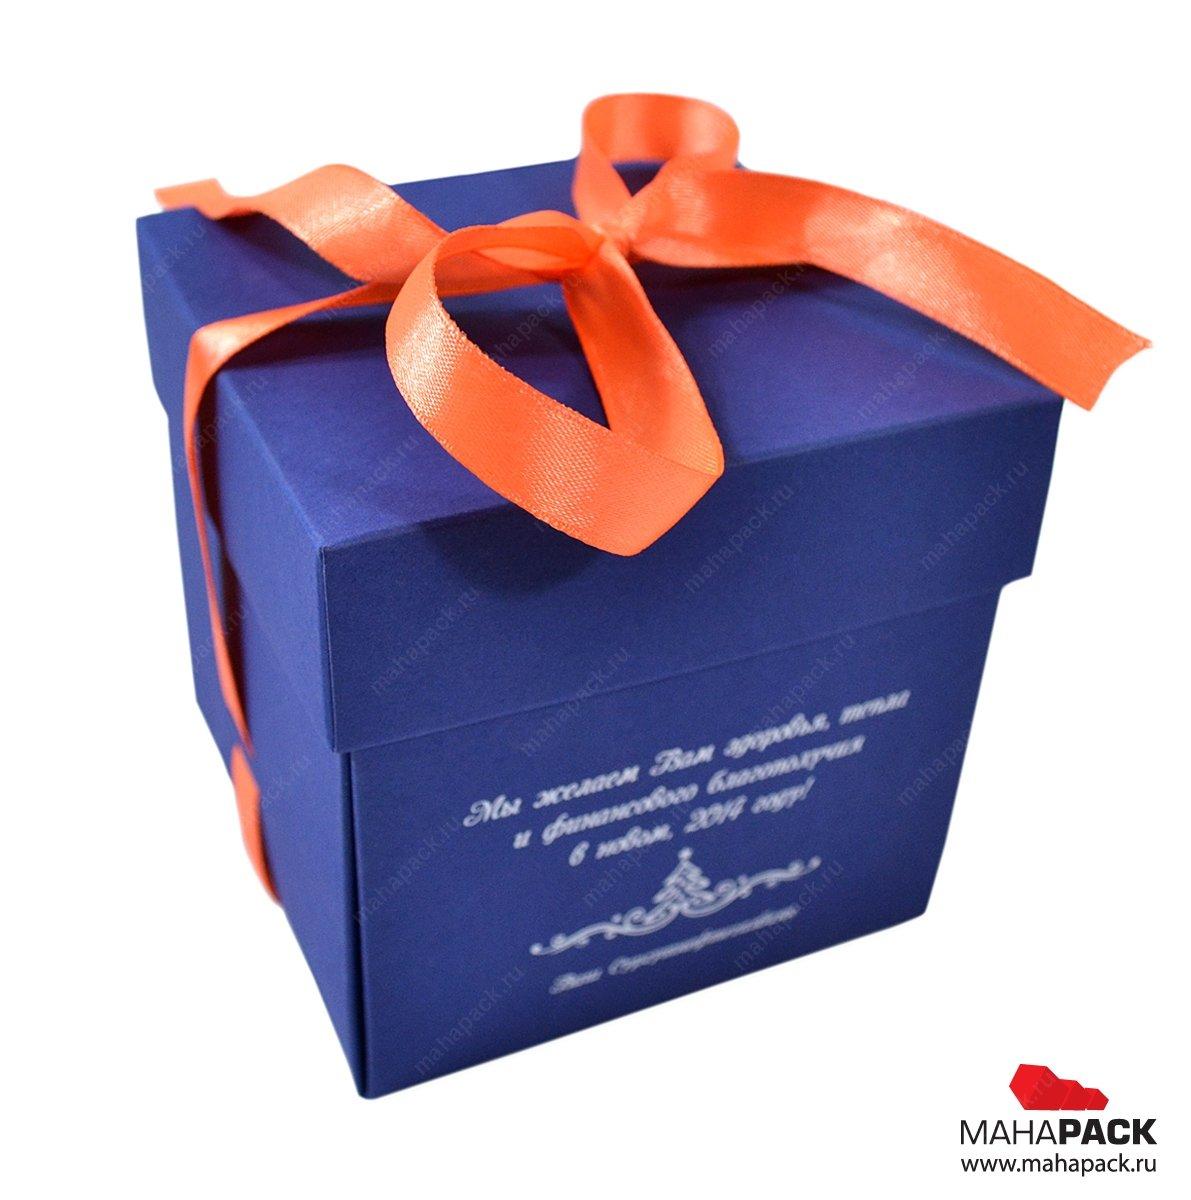 Подарочная коробка крышка-дно, универсальная самосборная конструкция